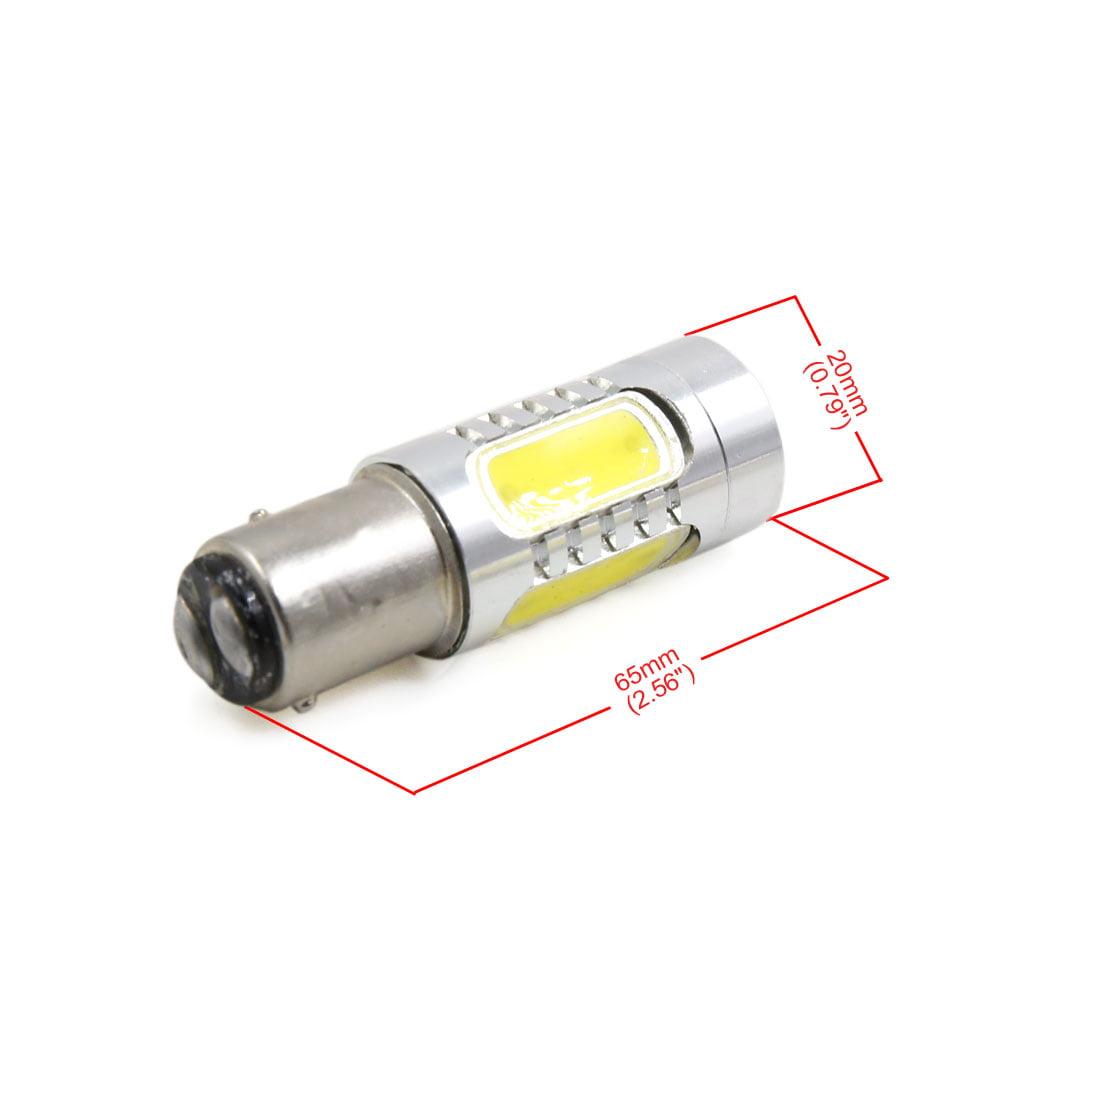 2Pcs 1157 BAY15d Warm White 6000K COB LED Projector Lens Brake Reverse Light - image 2 of 4